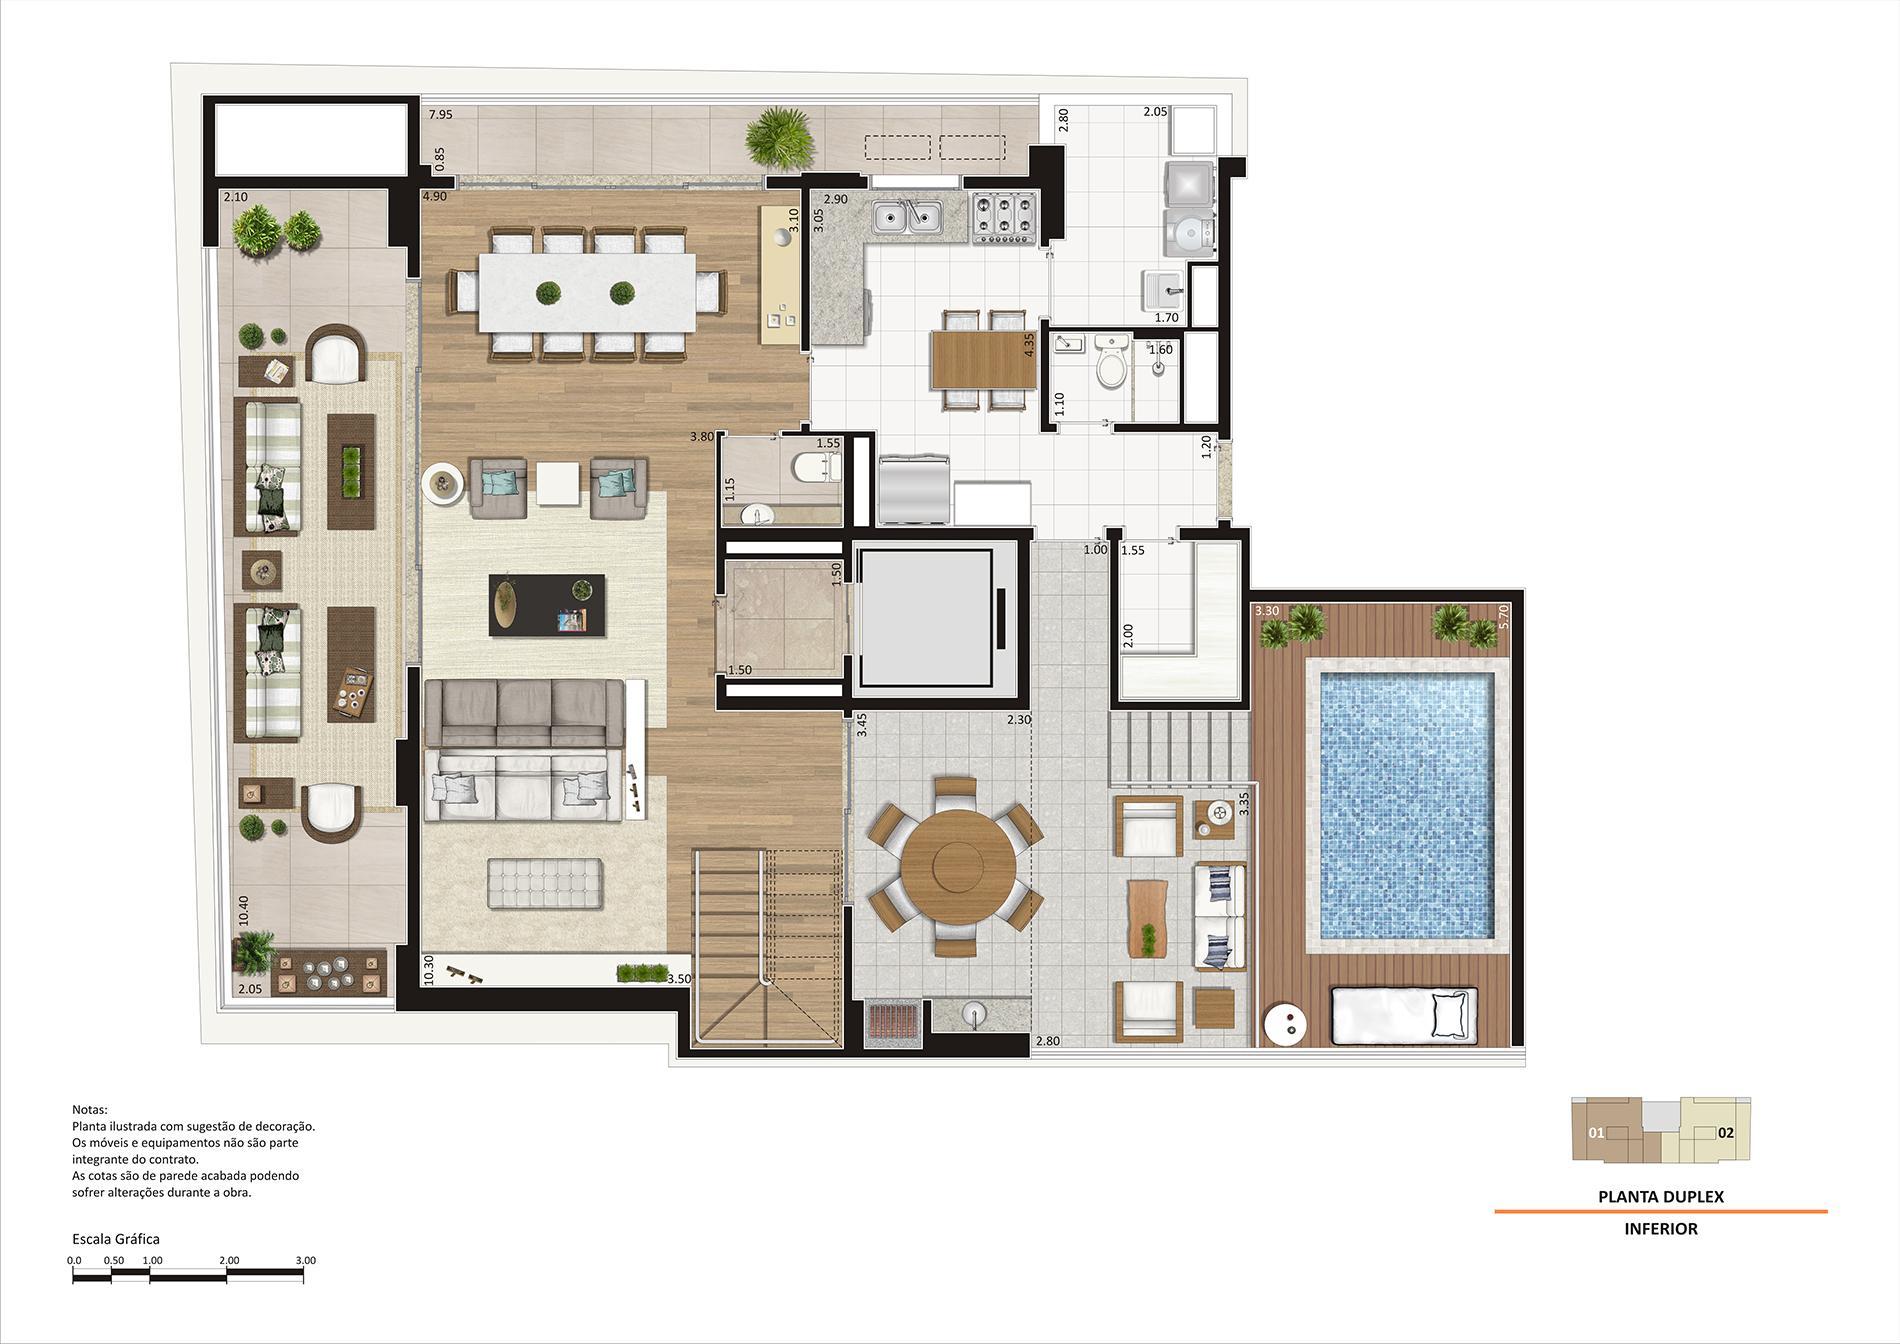 Planta Duplex Piso Inferior | Storia Vila Clementino by Cyrela – Apartamento na  Vila Clementino - São Paulo - São Paulo